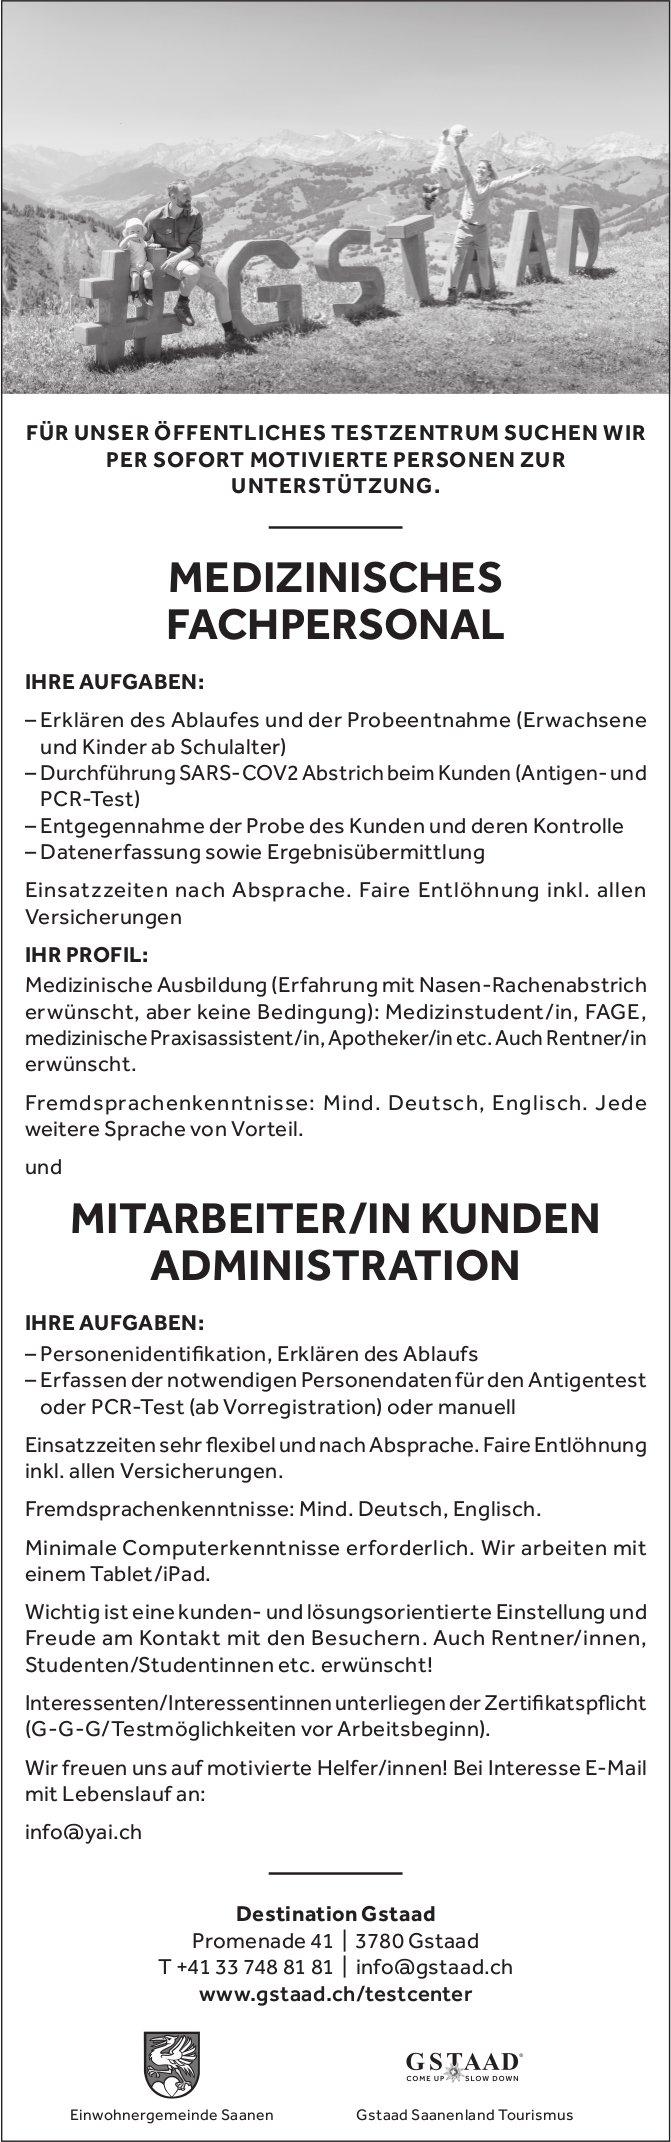 Medizinisches Fachpersonal & Mitarbeiter/In Kunden Administration, Destination Gstaad, gesucht